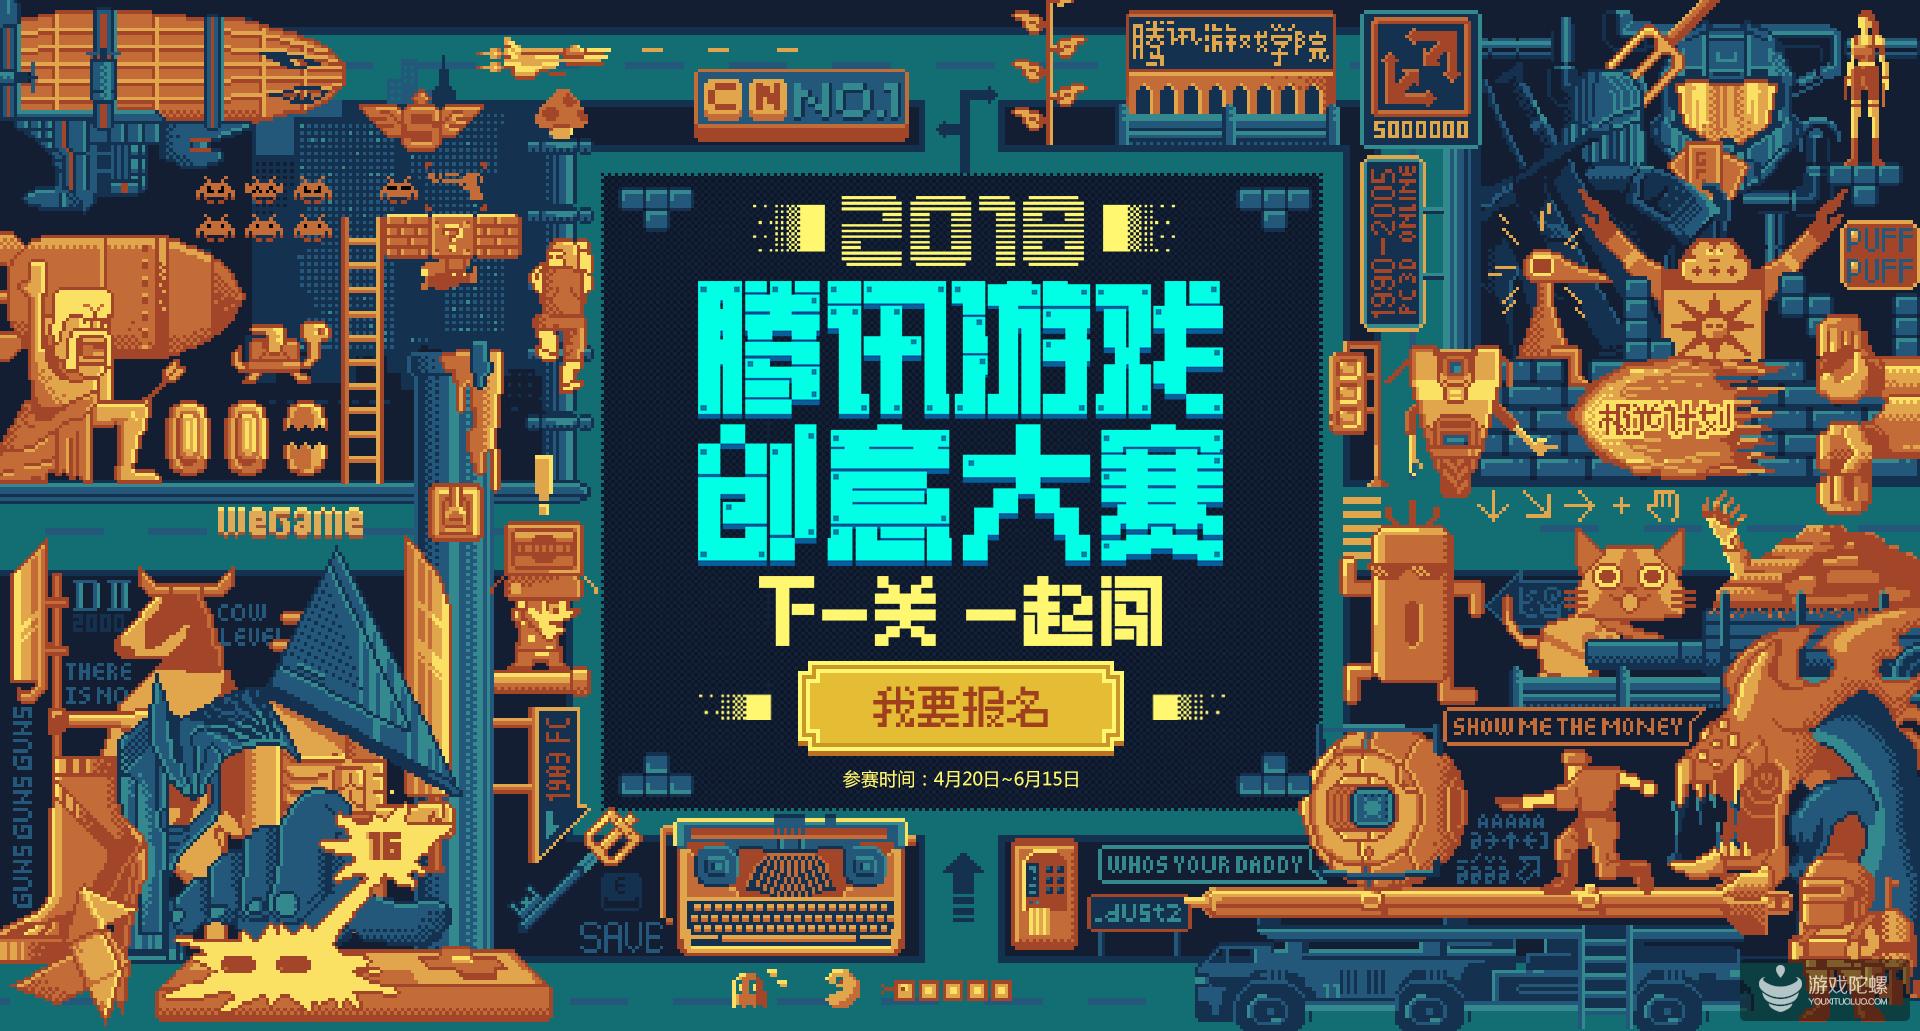 下一关,一起闯!2018腾讯游戏创意大赛喊你一起搞事情